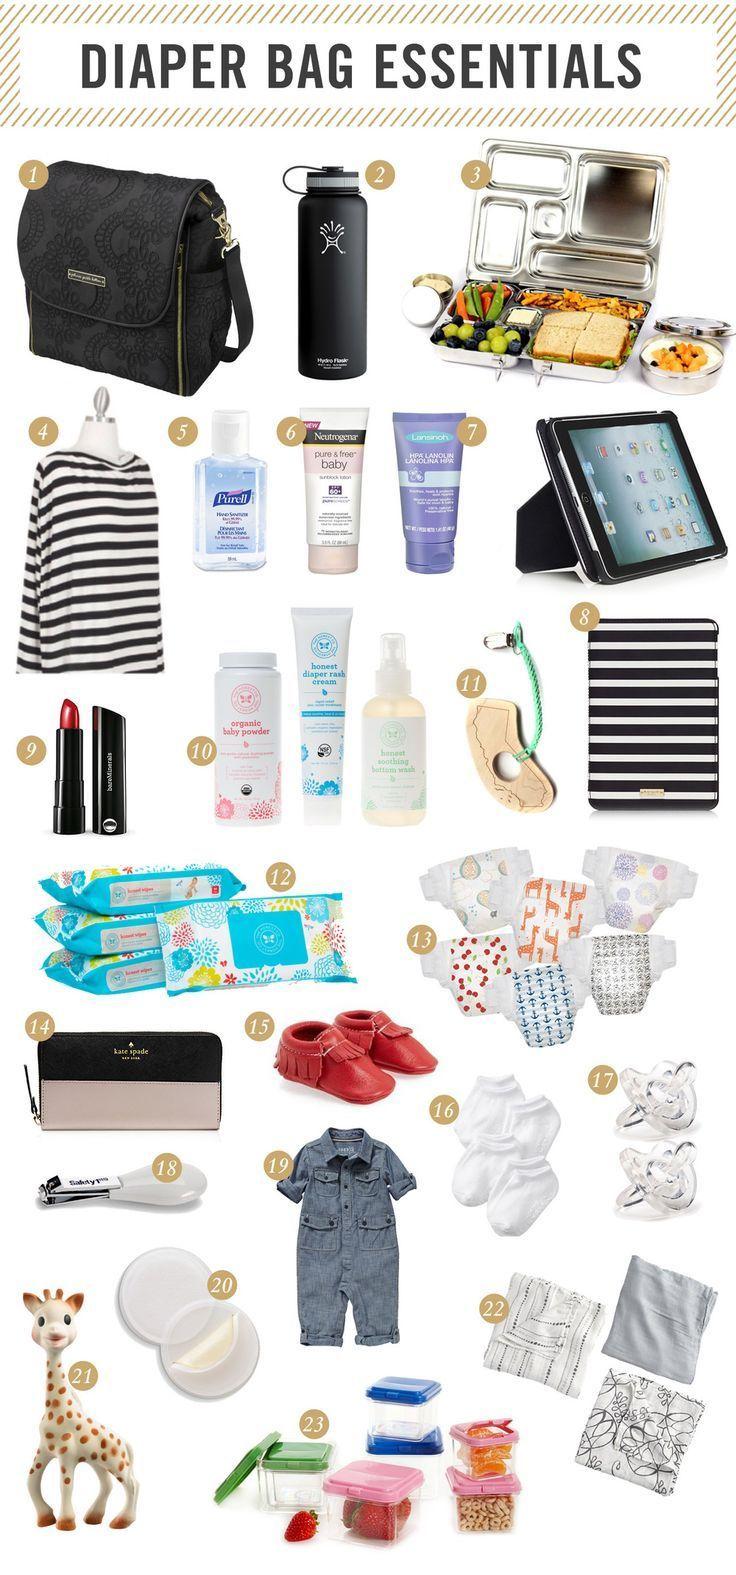 Diaper Bag Essentials — West Coast Capri - shoulder bags for men, designer bags sale, online bags *sponsored https://www.pinterest.com/bags_bag/ https://www.pinterest.com/explore/bags/ https://www.pinterest.com/bags_bag/radley-bags/ http://www.muji.us/store/bags.html